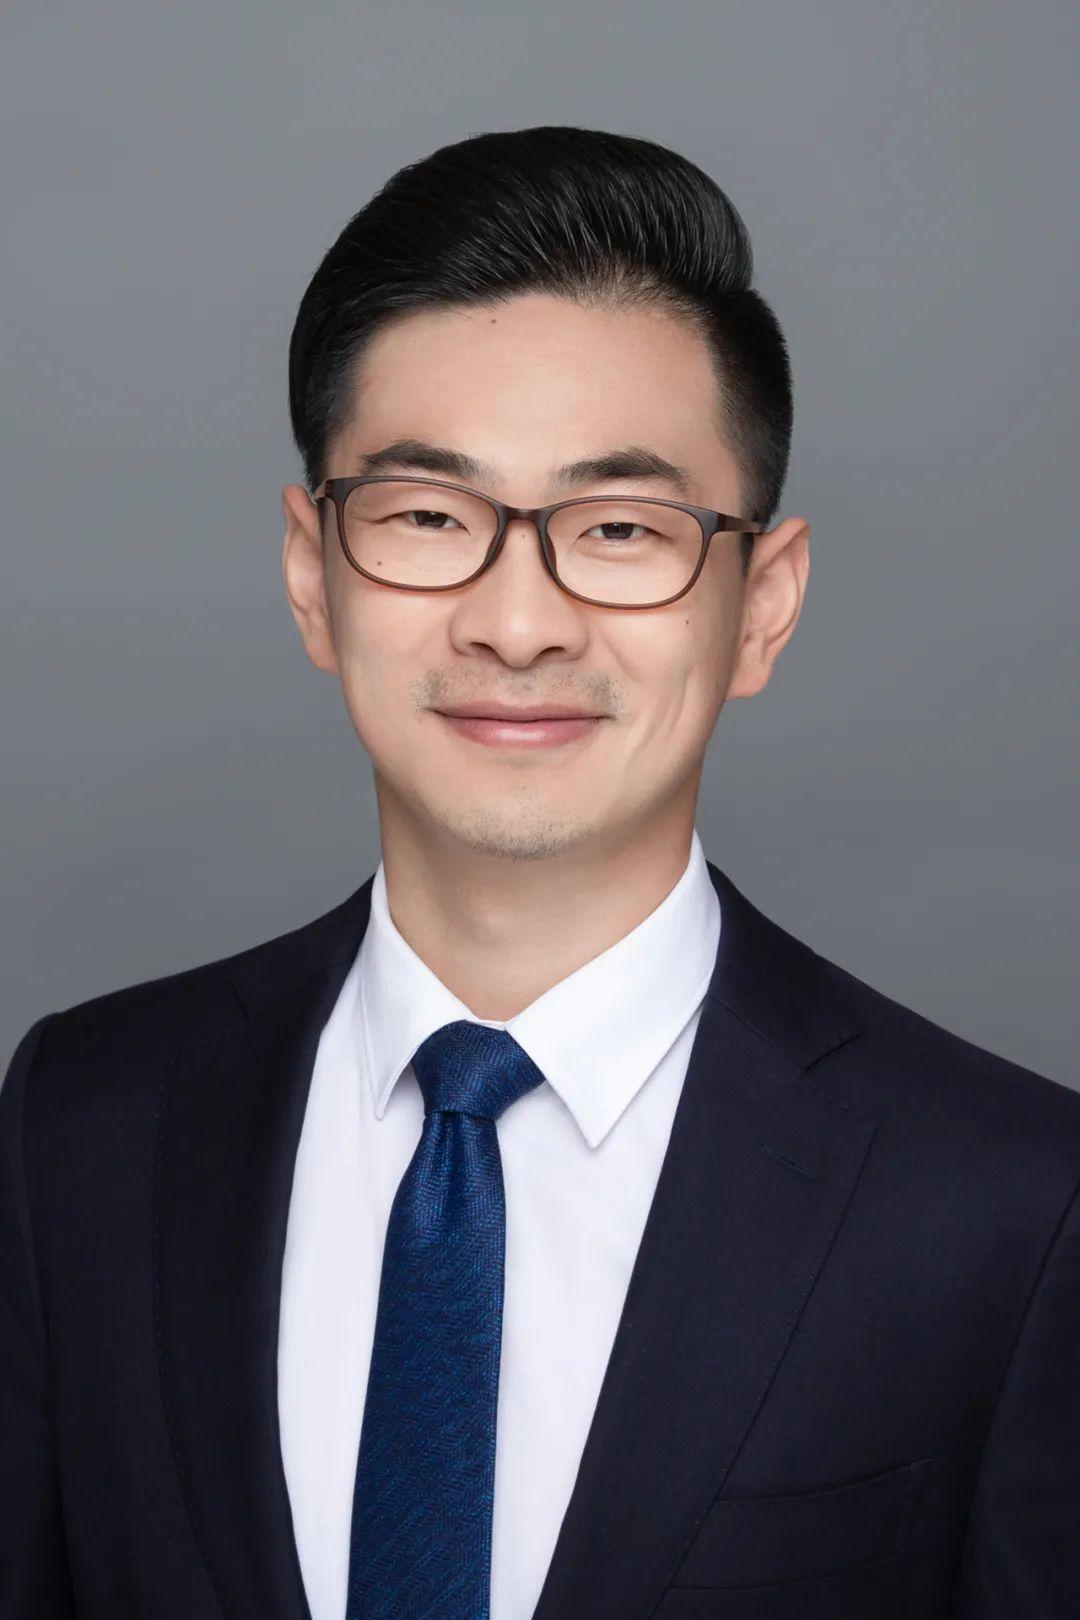 大咖面对面丨杨富麟 :消费的新变革